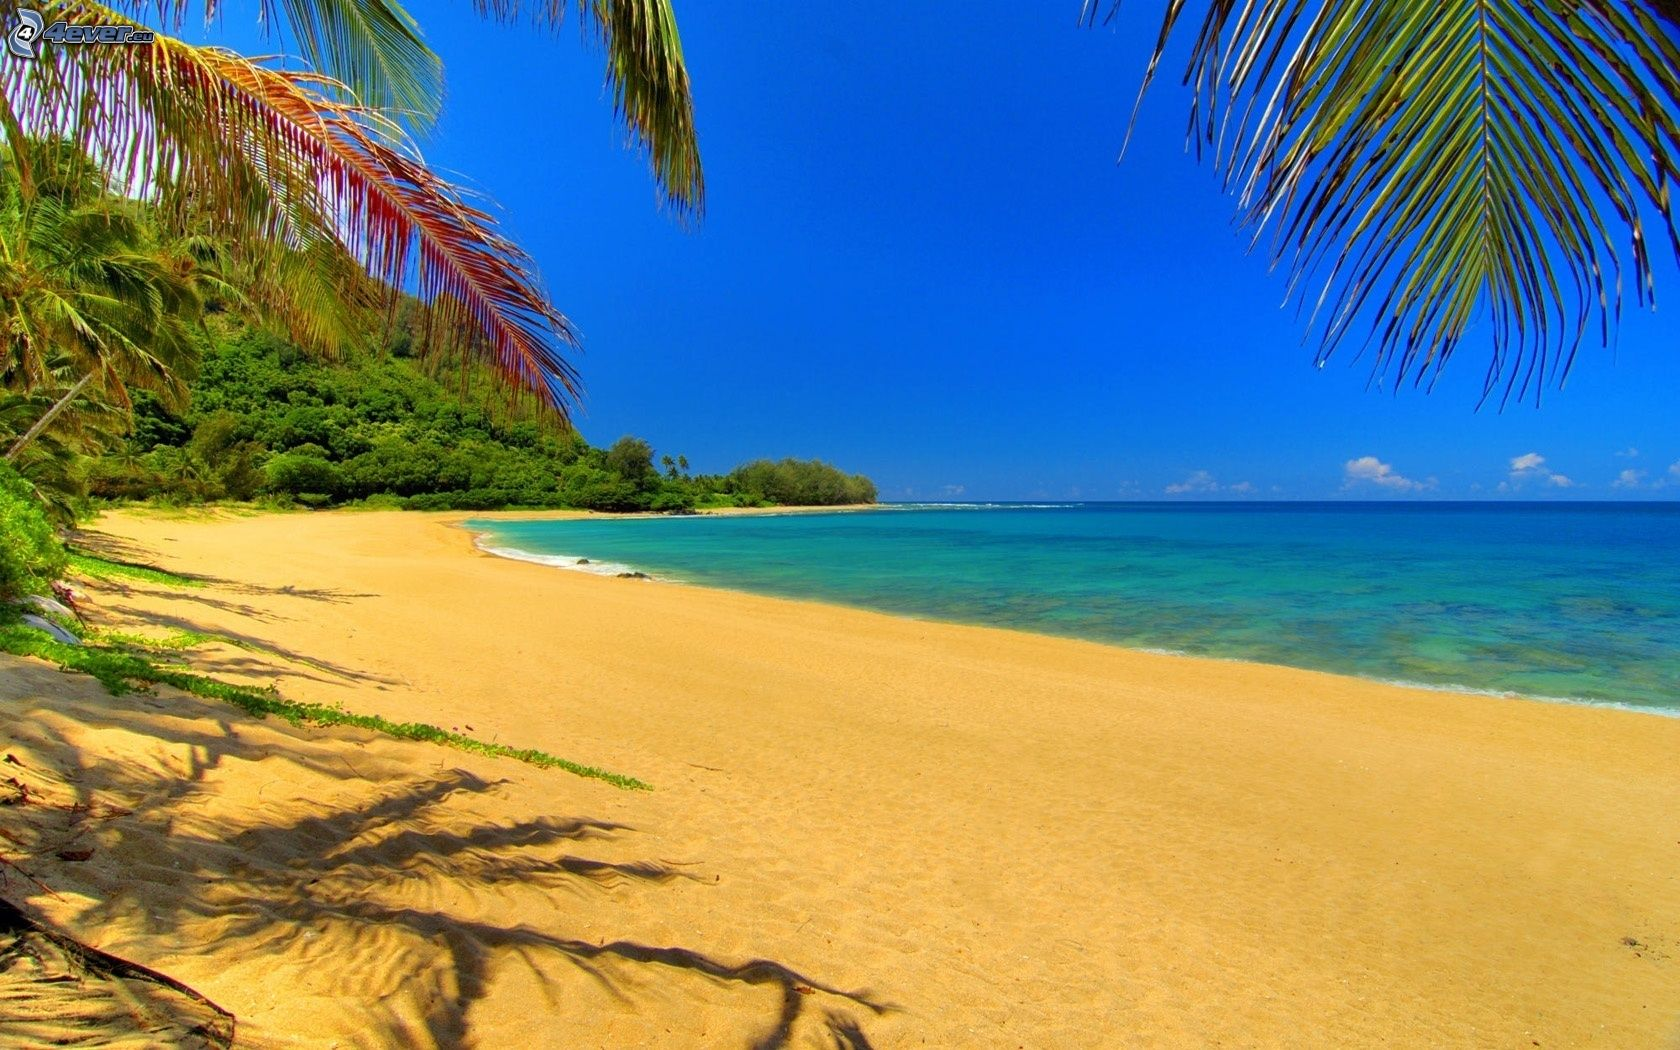 Plaža - Page 4 Plaz,-pobrezie,-tropicke-more,-palmy-159001